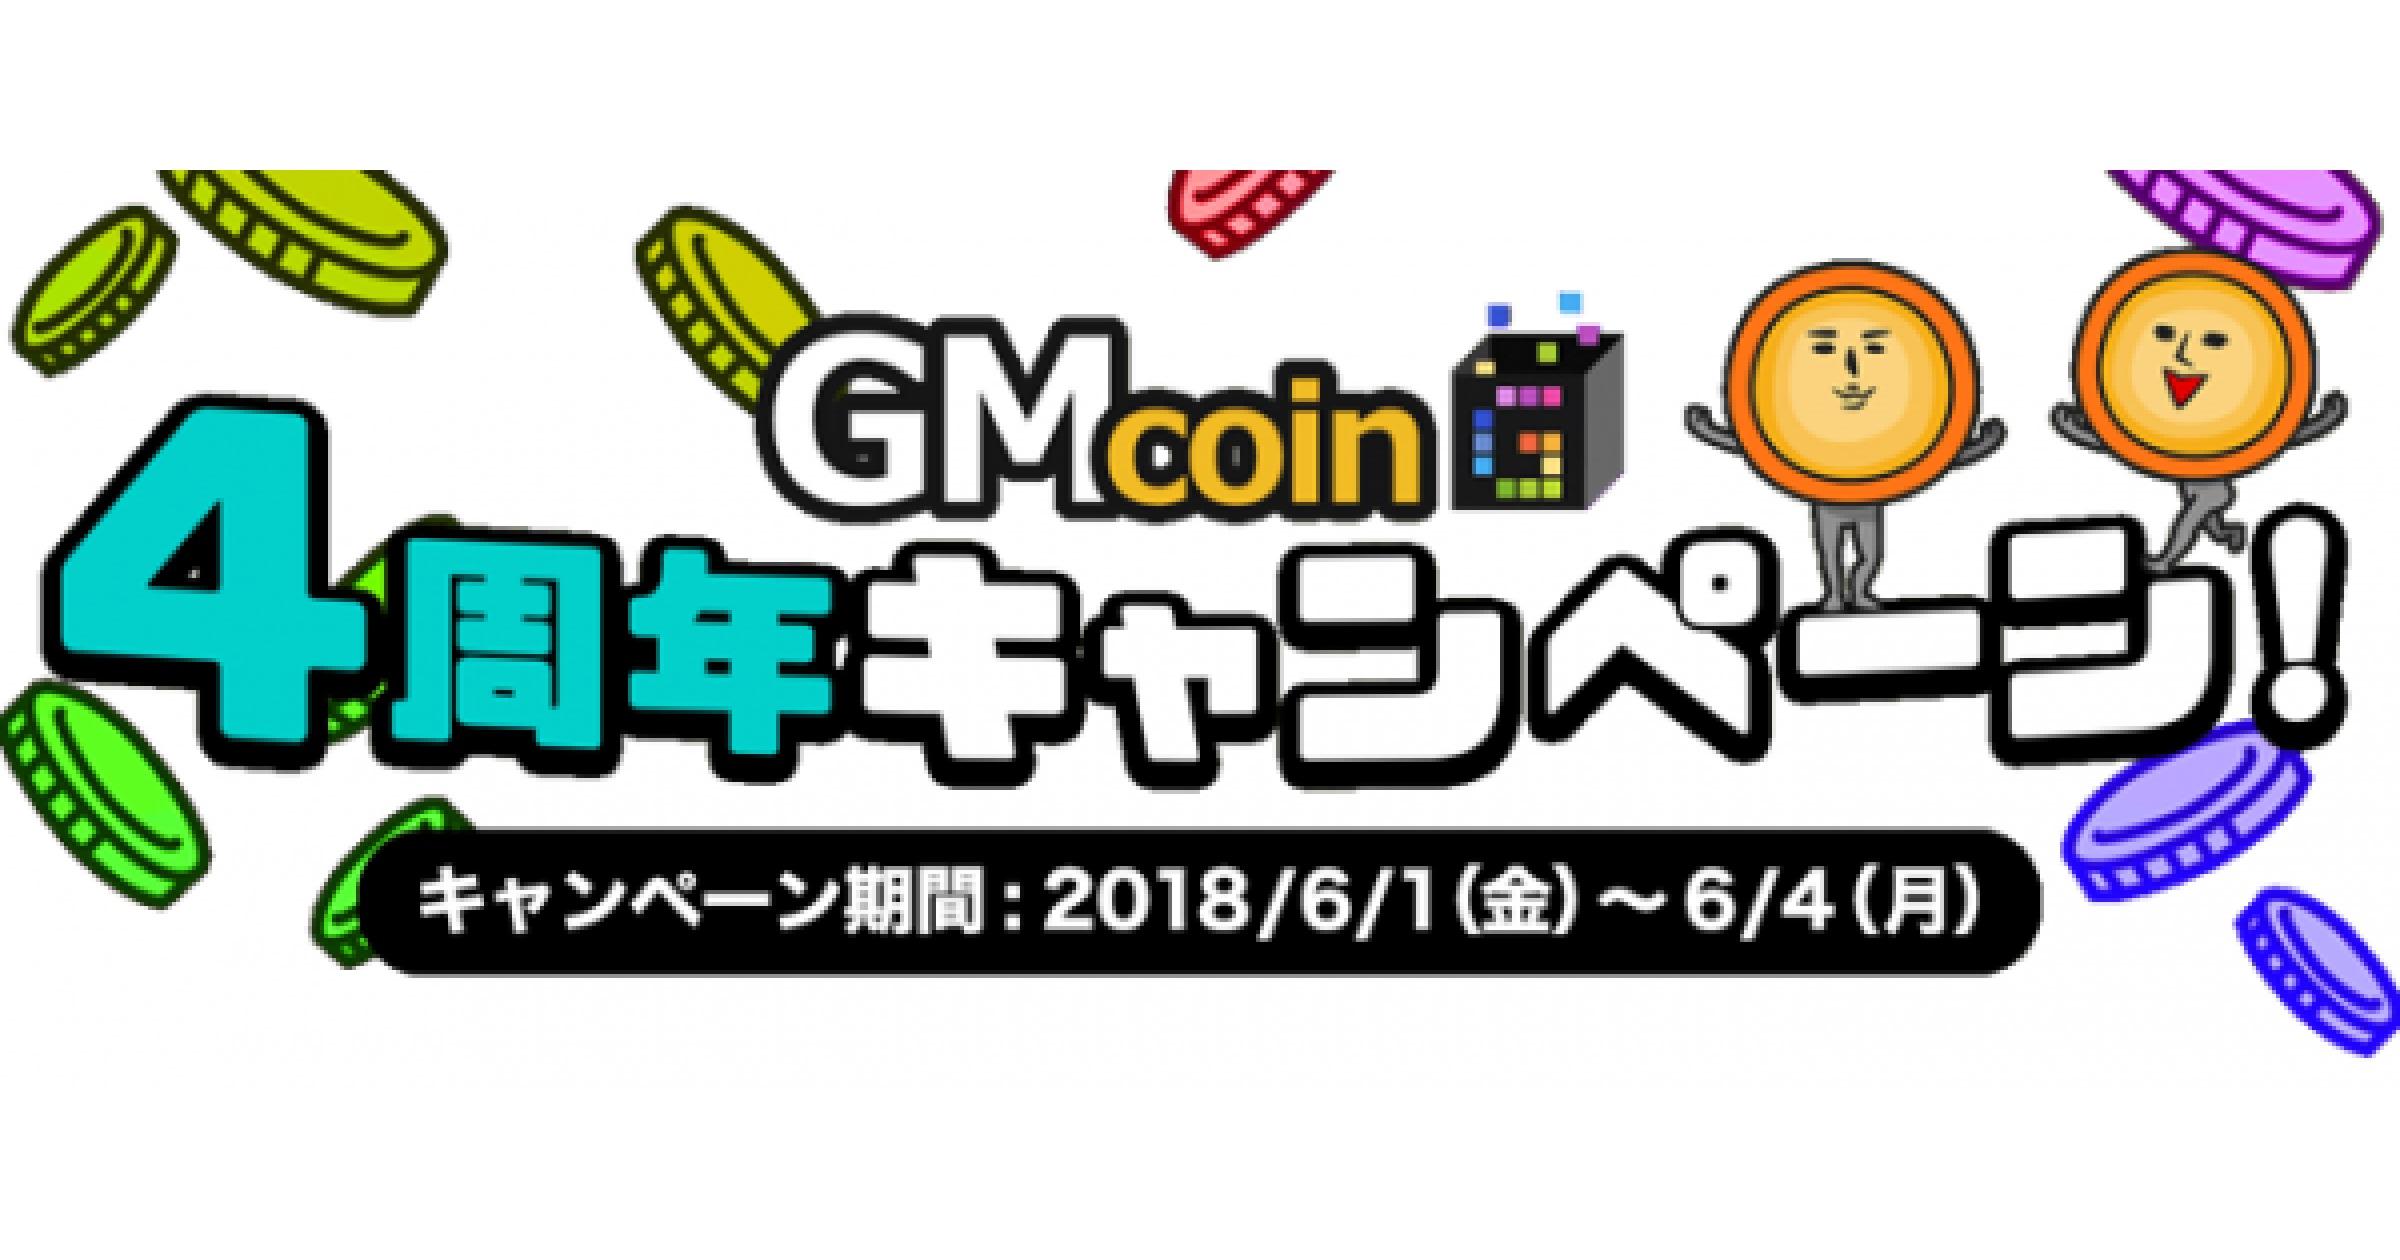 「GMコイン」4周年キャンペーン開催!(6/1~4)